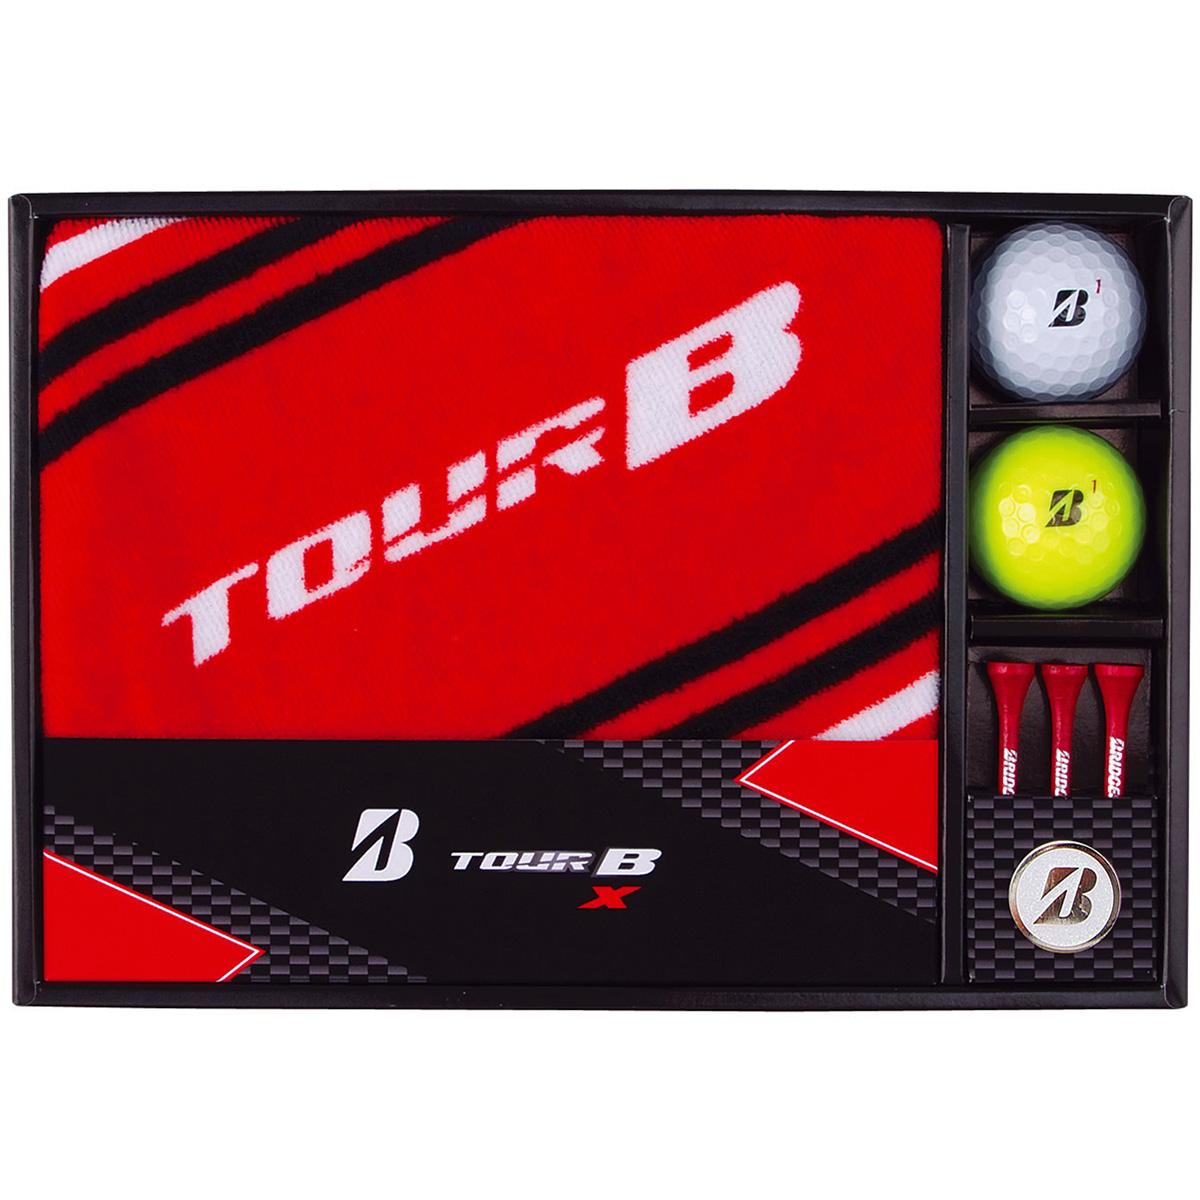 TOURB X ボールギフト